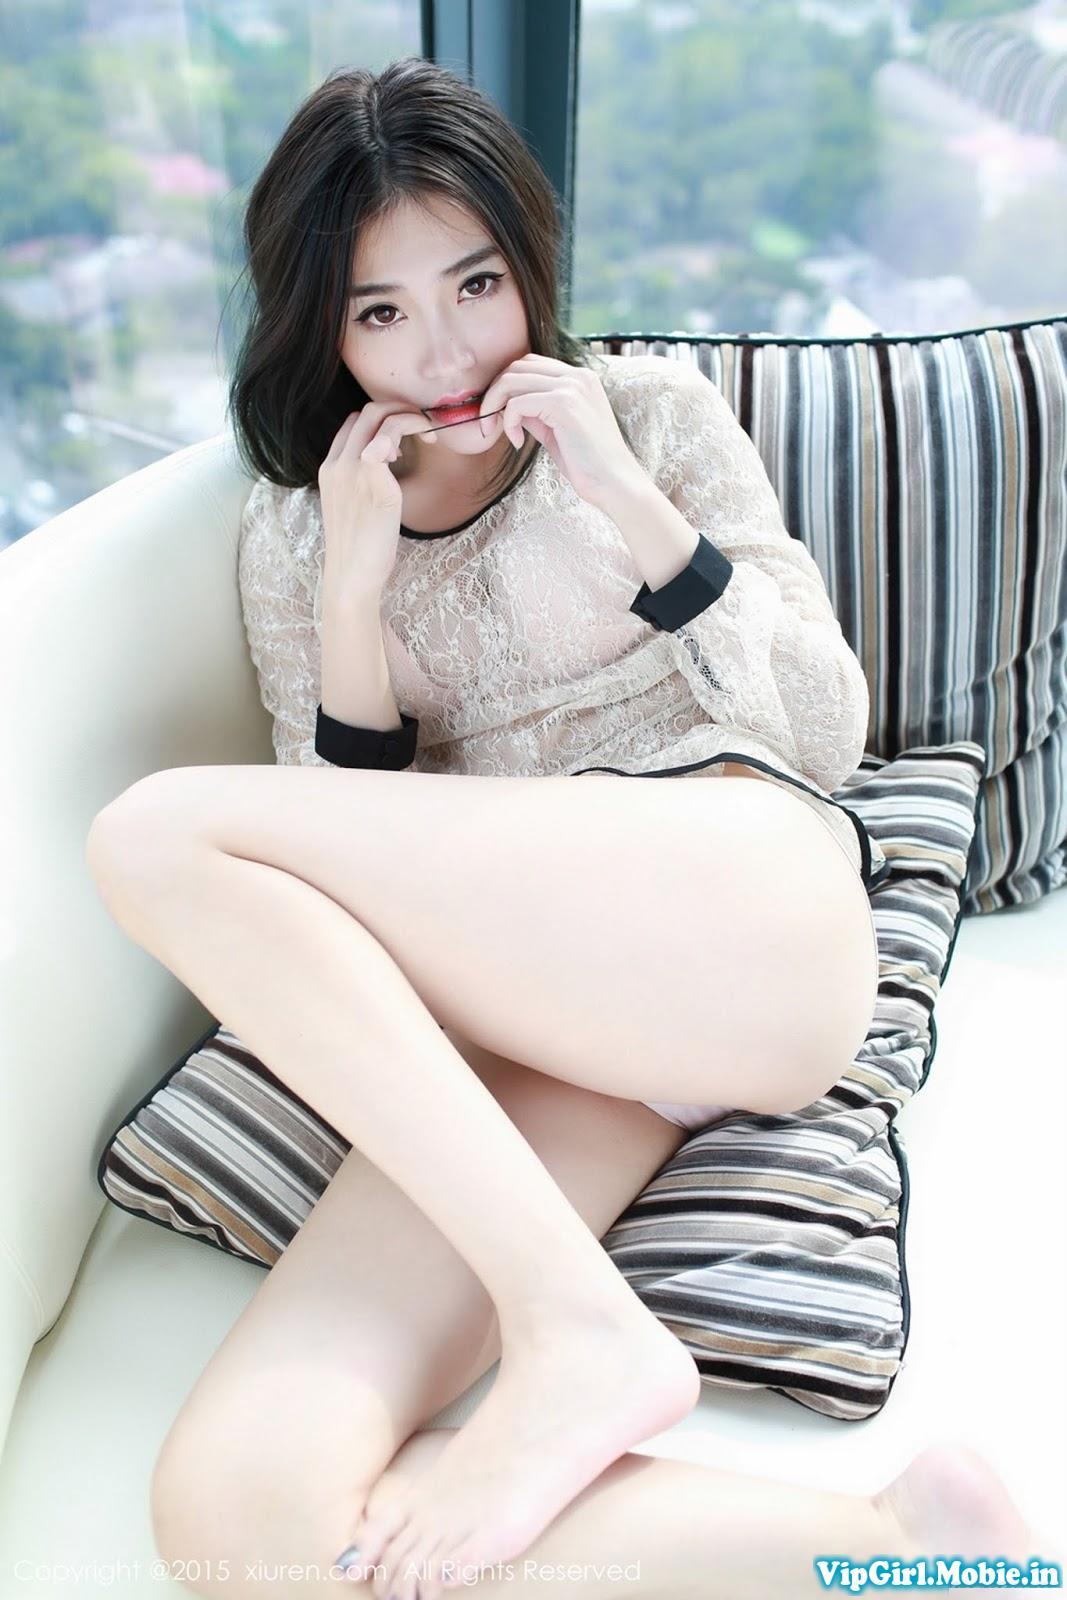 Gái xinh trắng đẹp e ấp với mảnh vải che thân